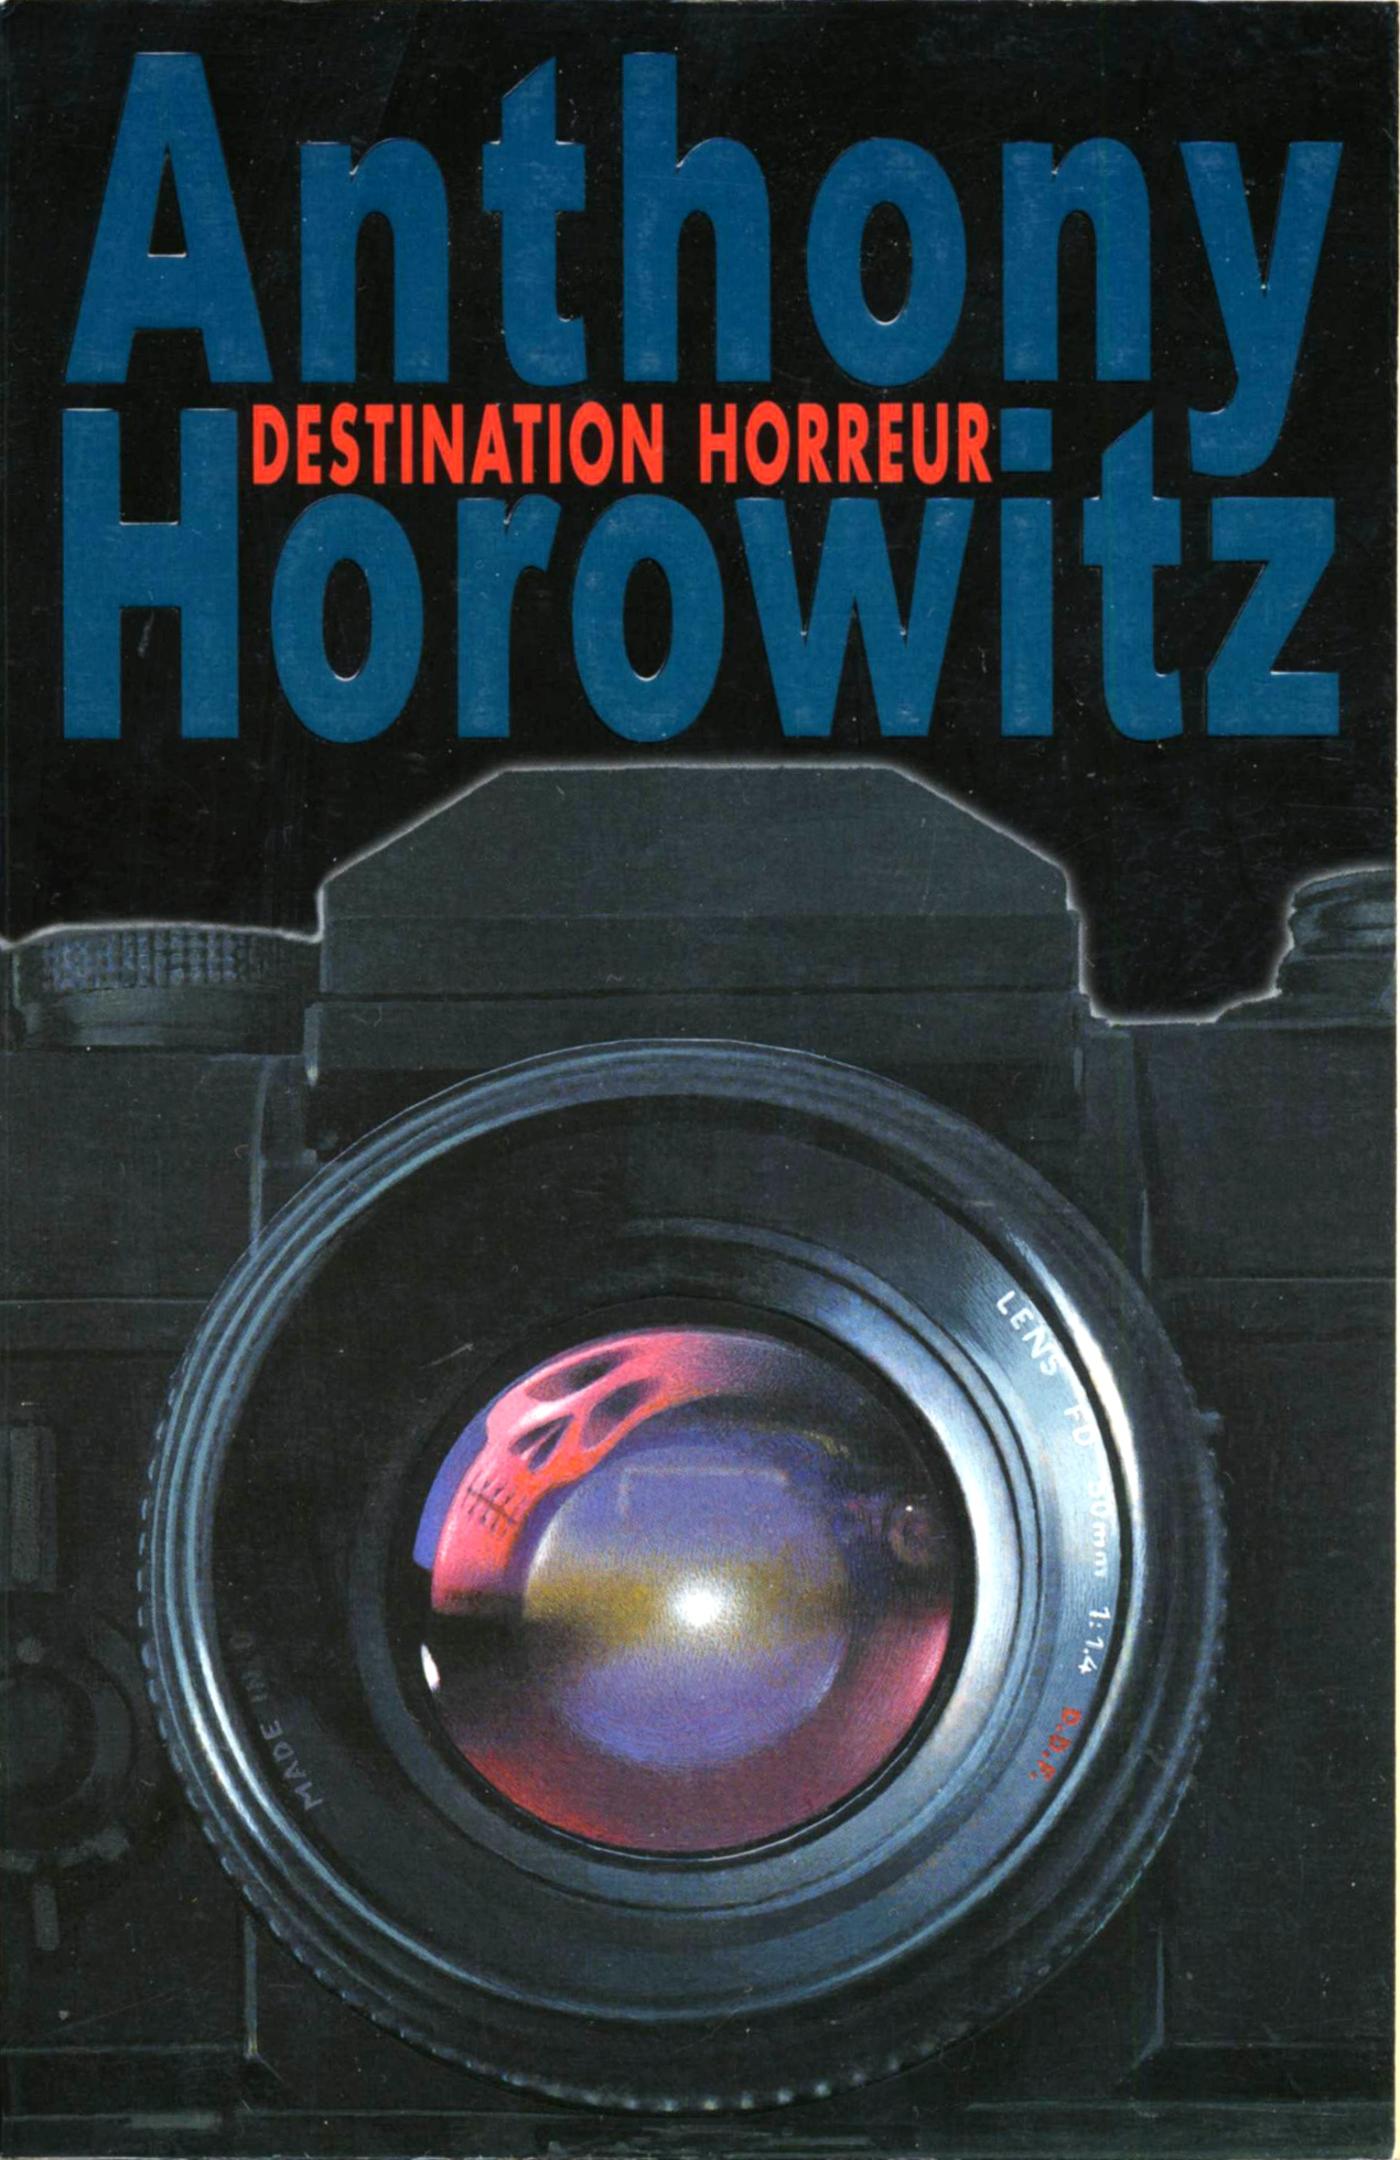 Destination horreur